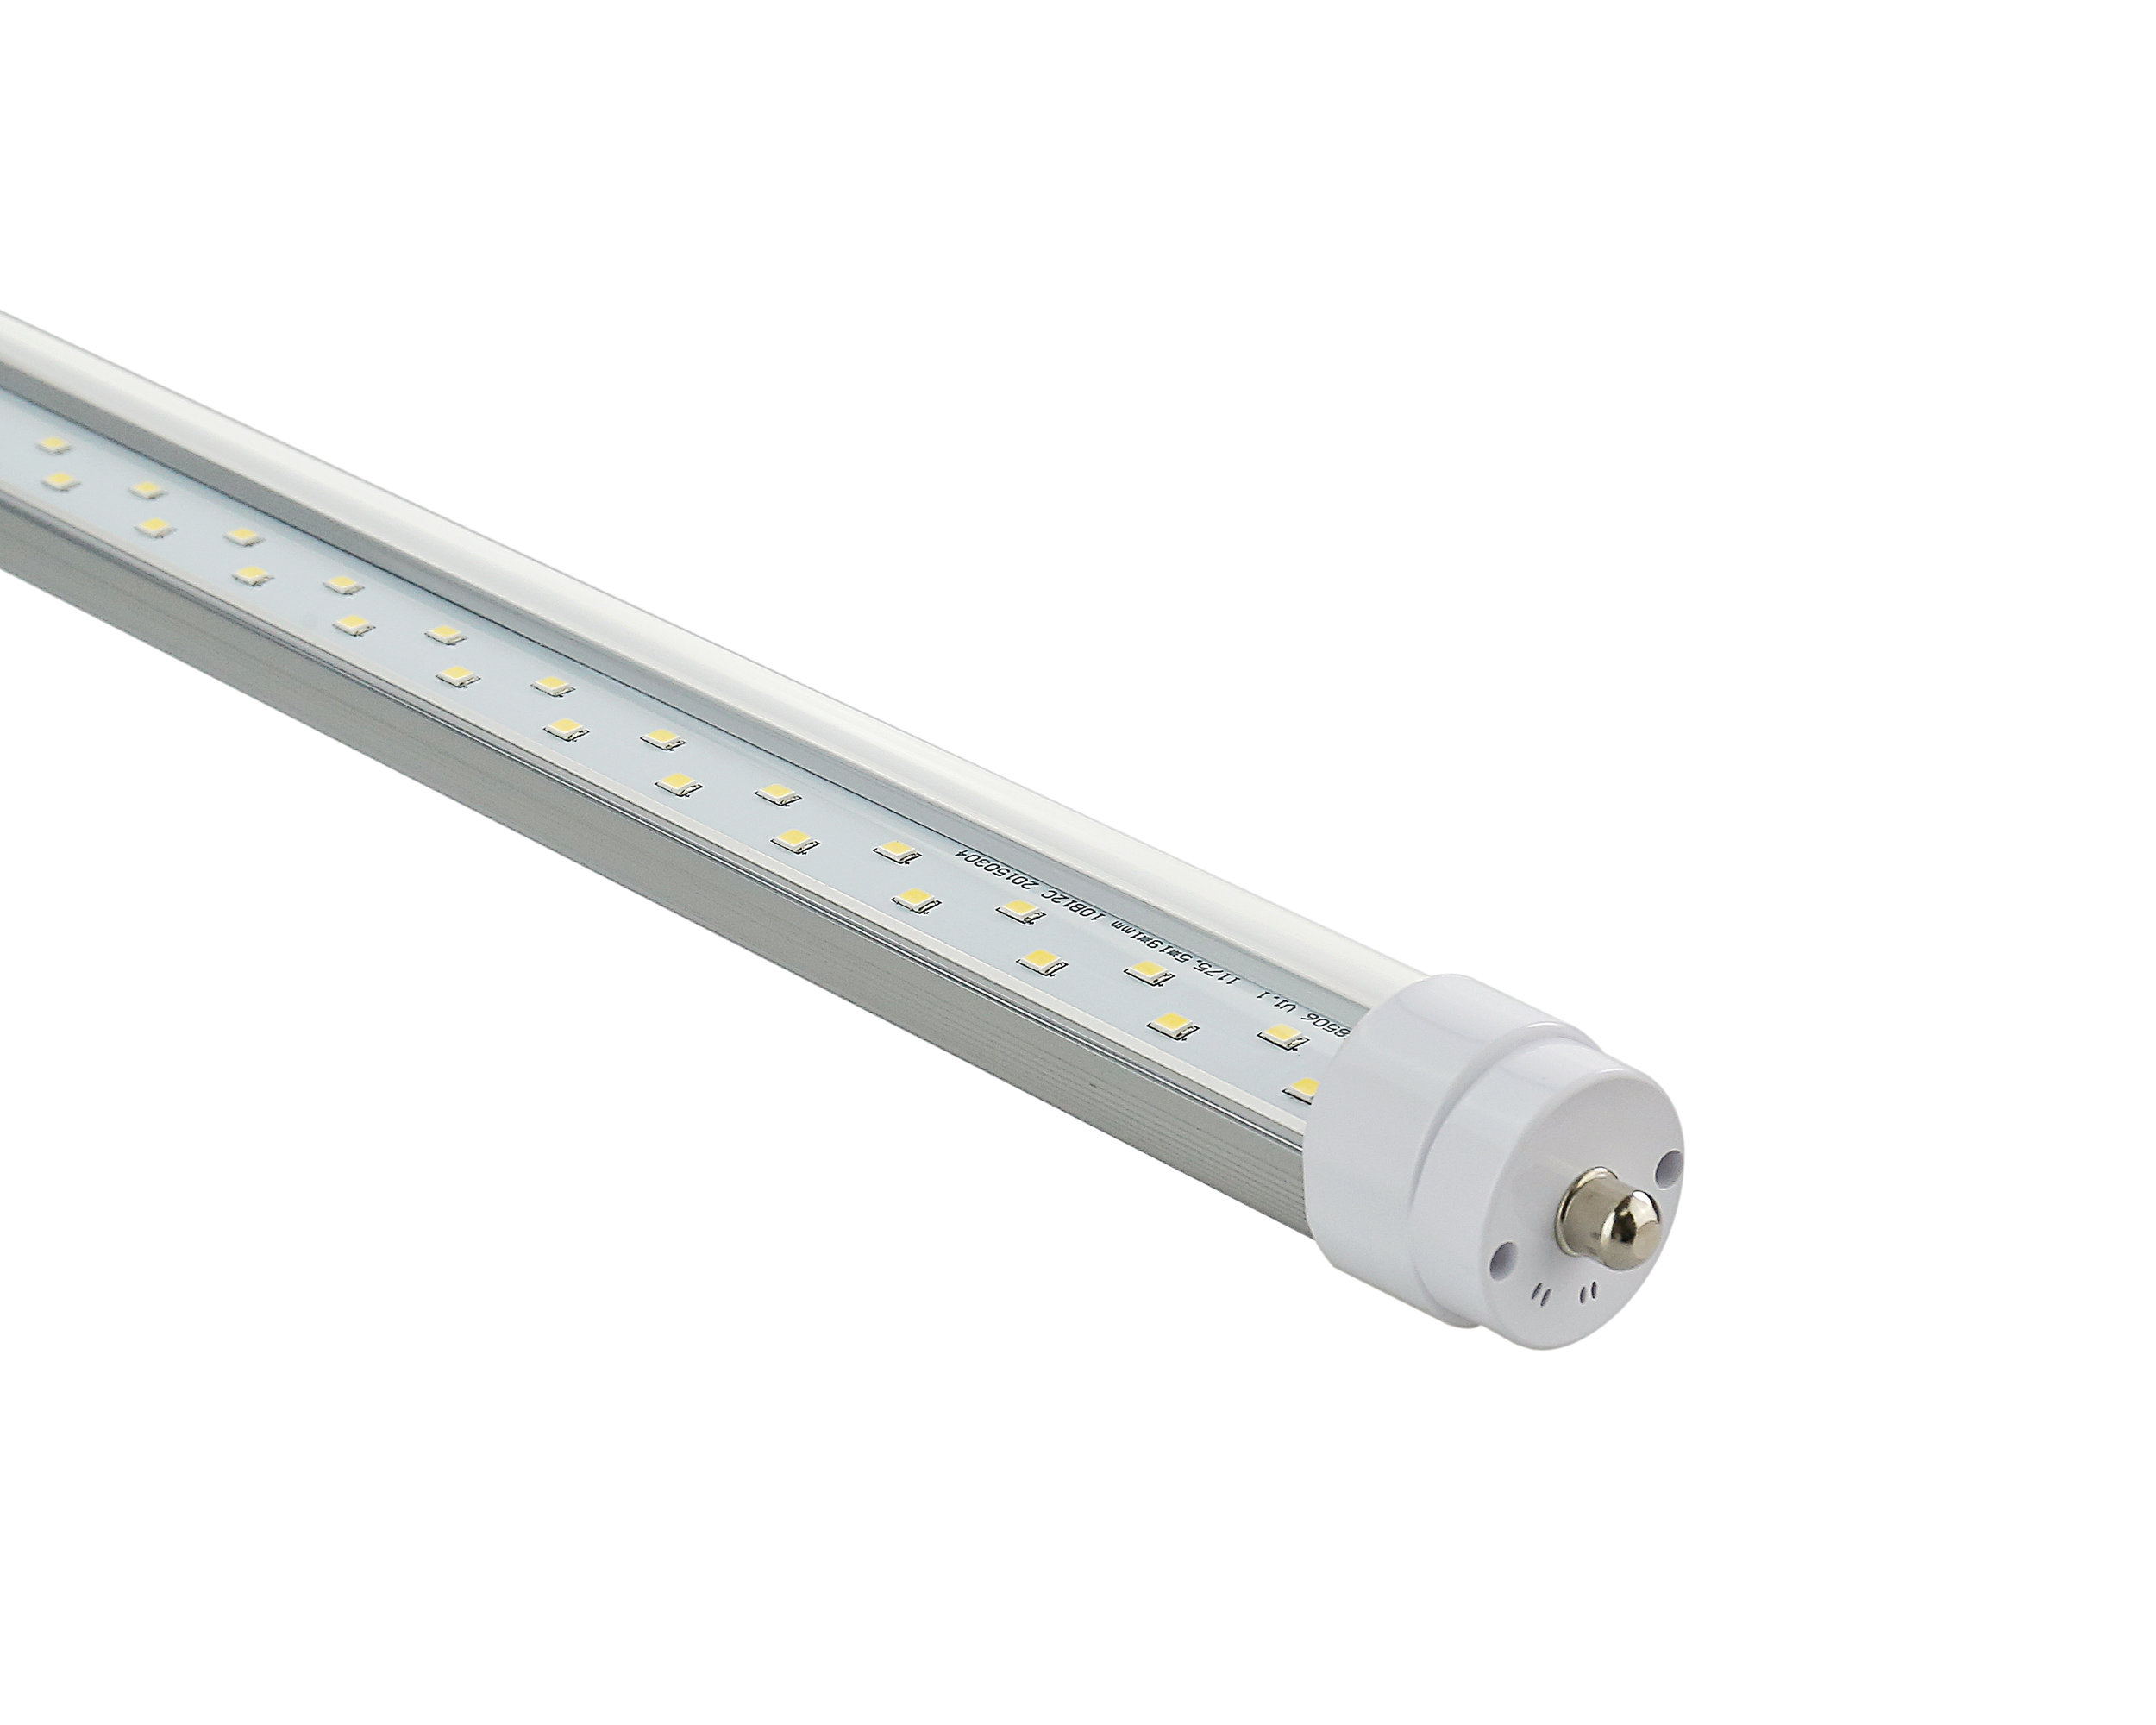 Tube Lights -